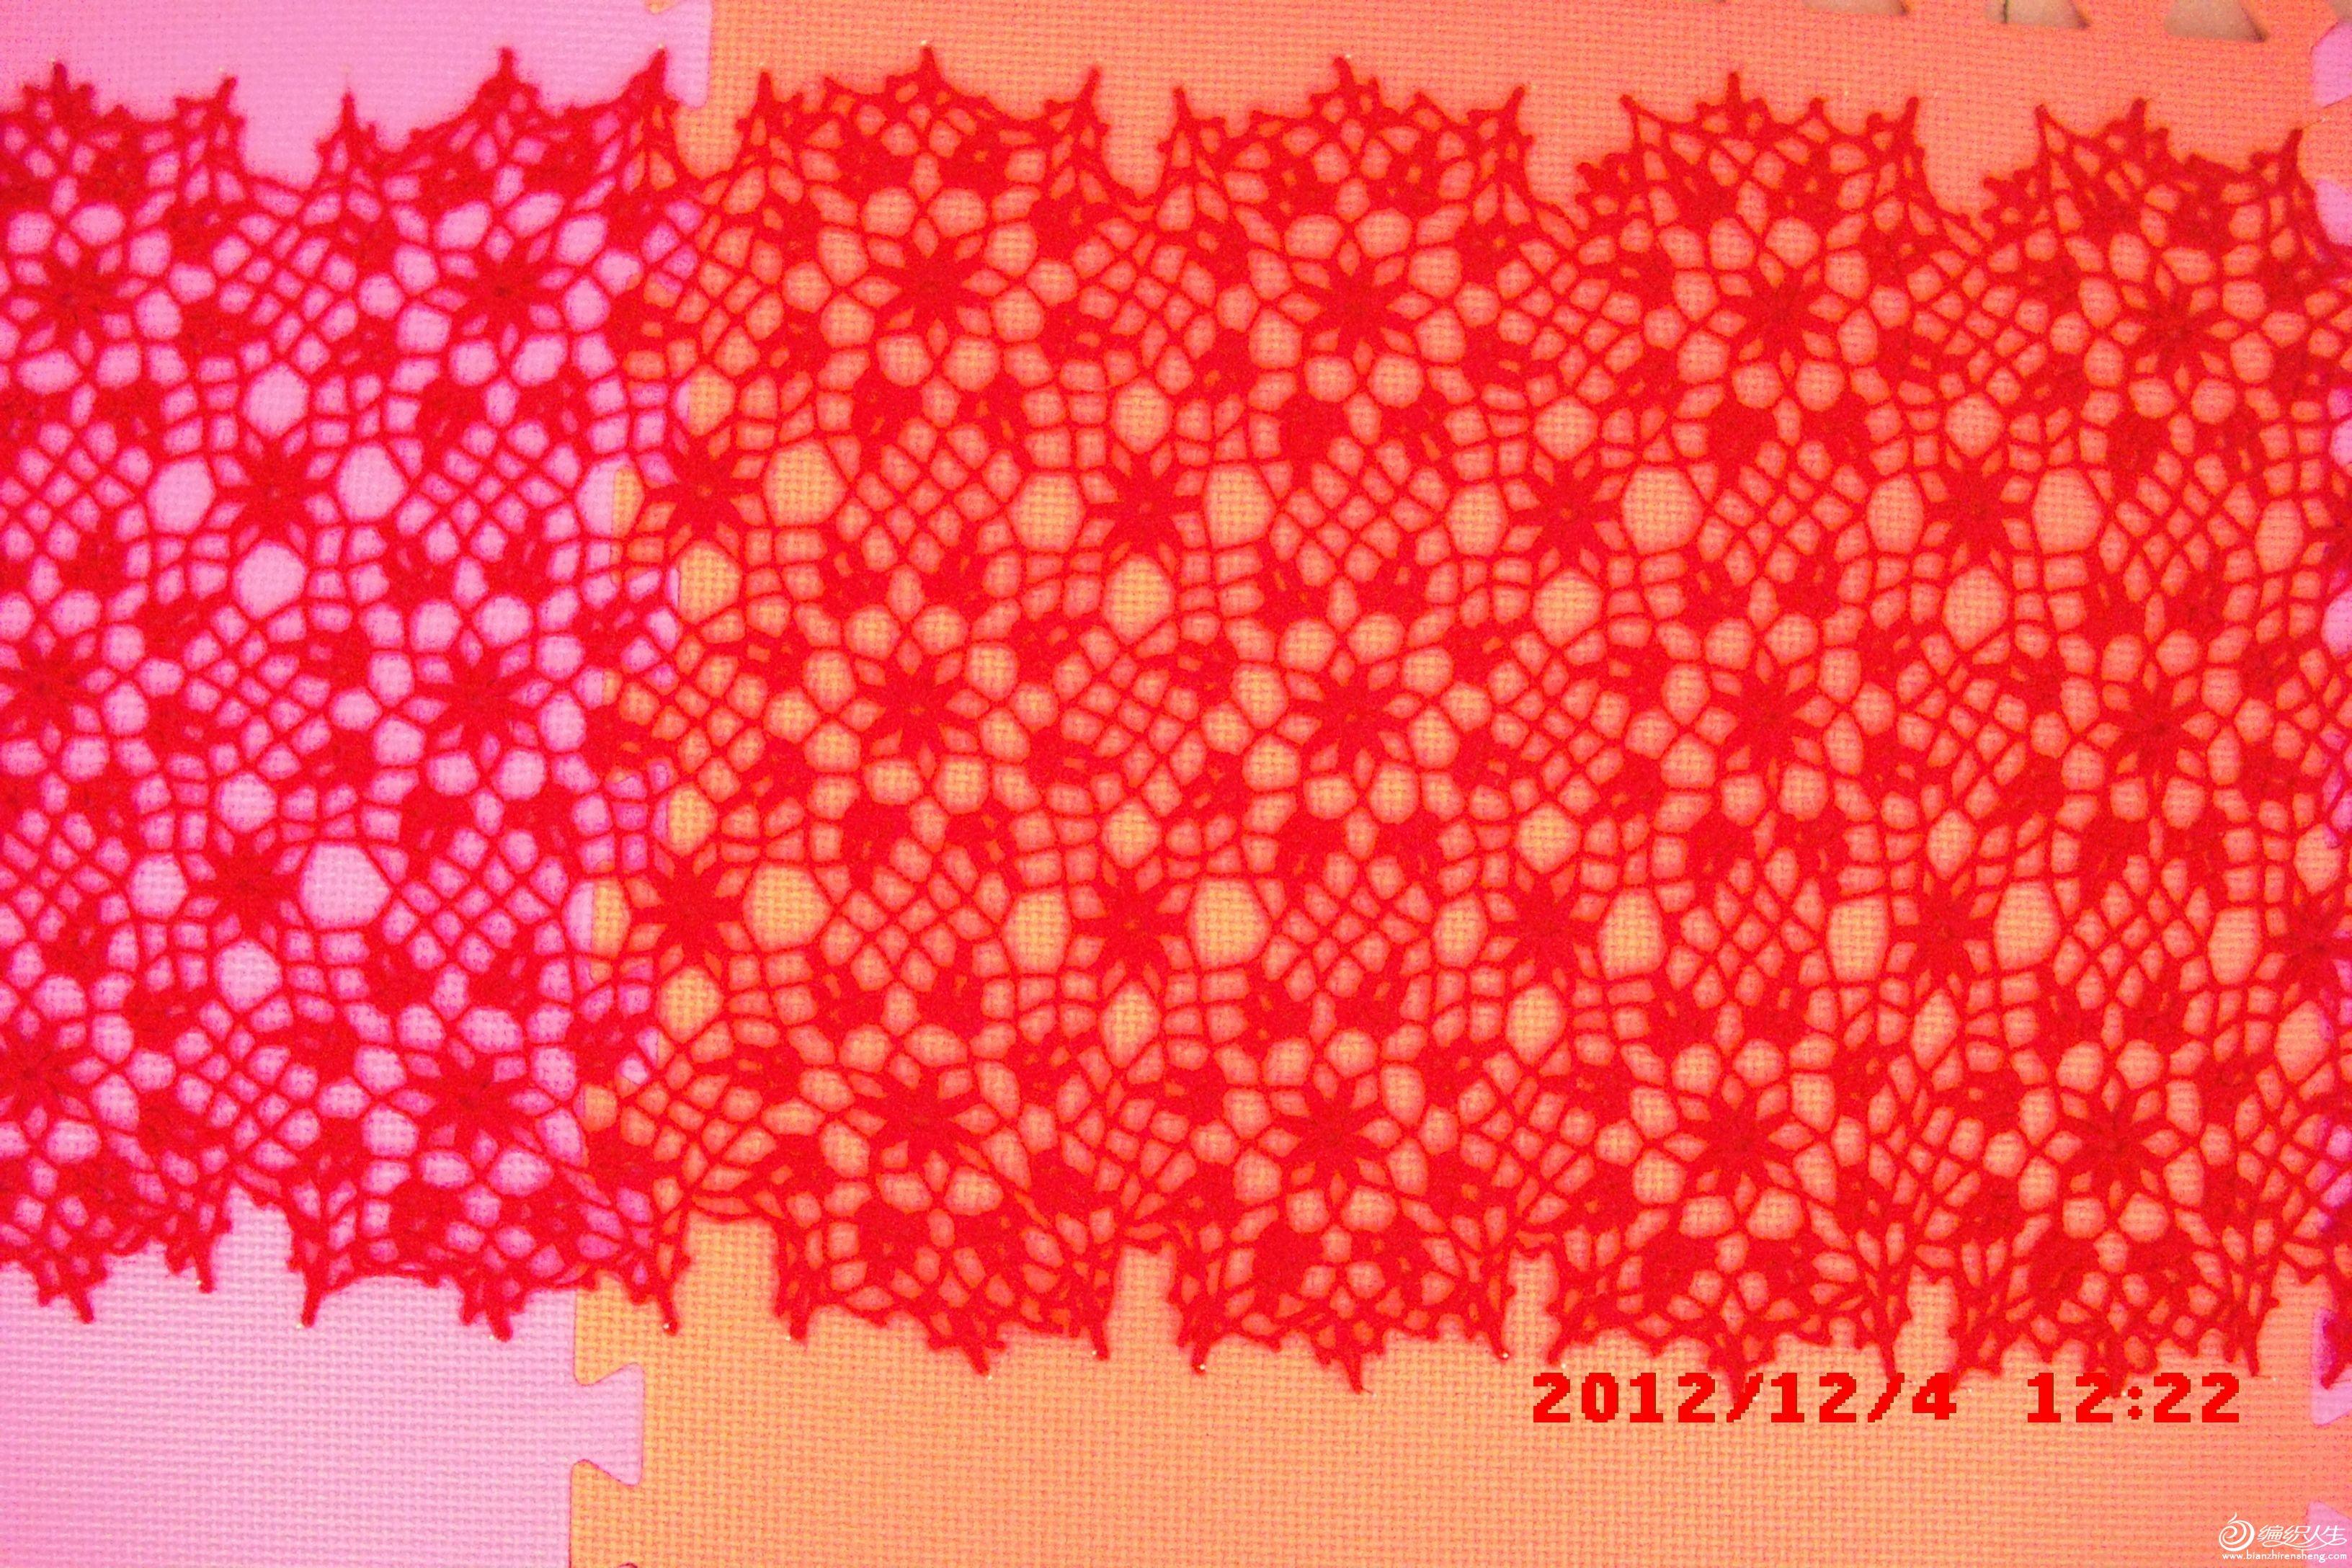 CIMG0007_1.jpg